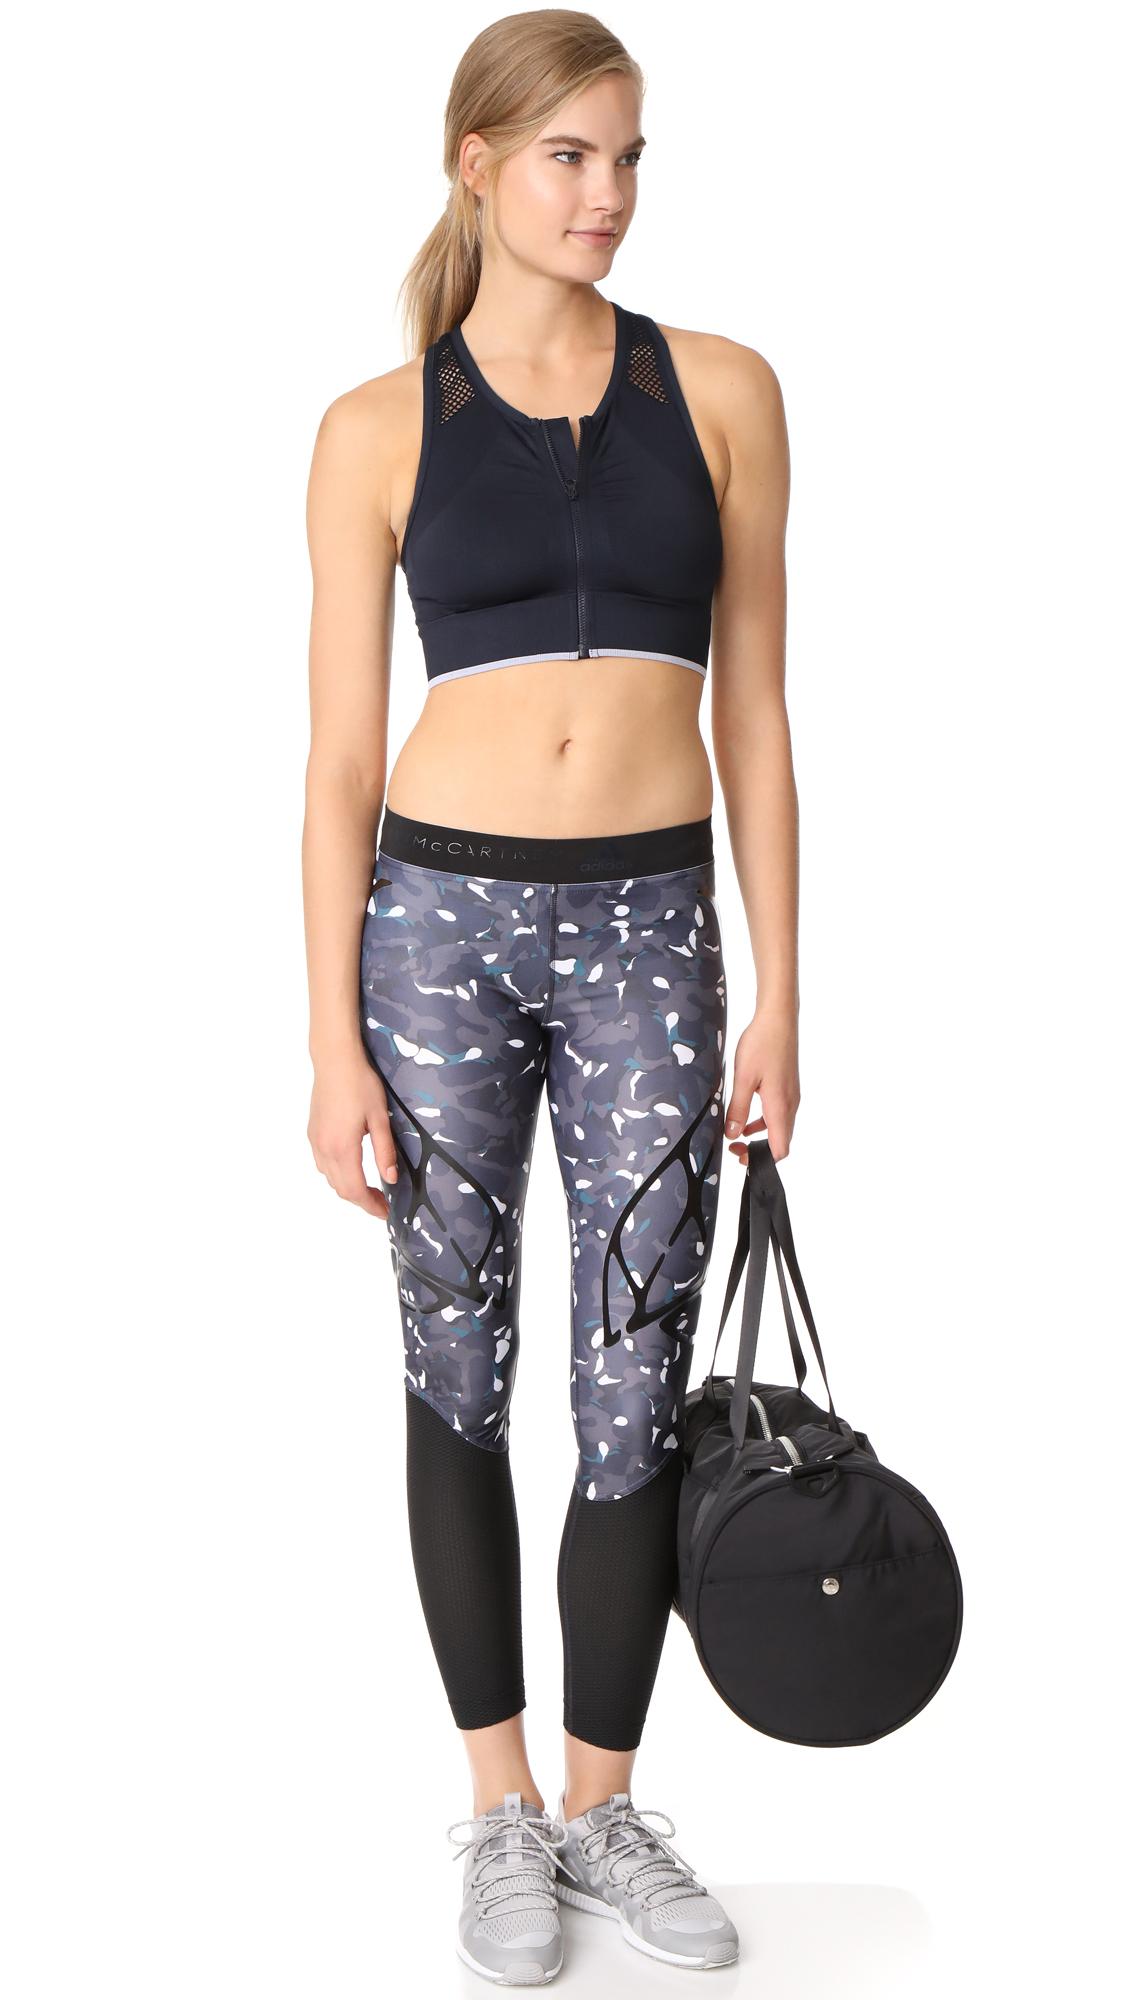 adidas by Stella McCartney Леггинсы для бега Sprintweb 120,00 $